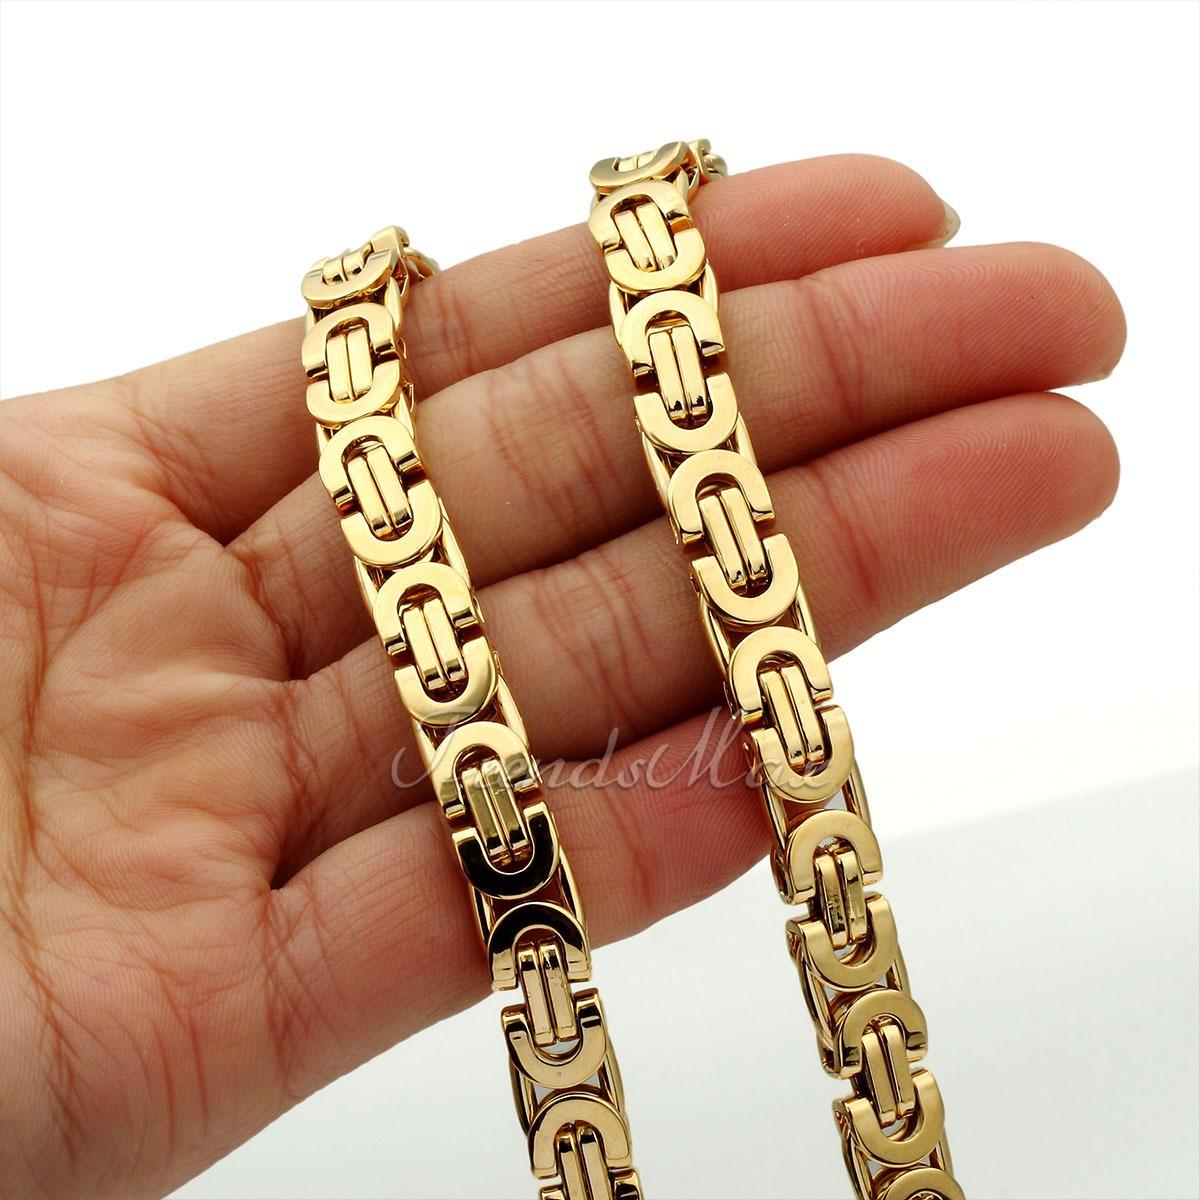 6 8 11mm byzantinisch herren k nigskette panzerkette gold. Black Bedroom Furniture Sets. Home Design Ideas